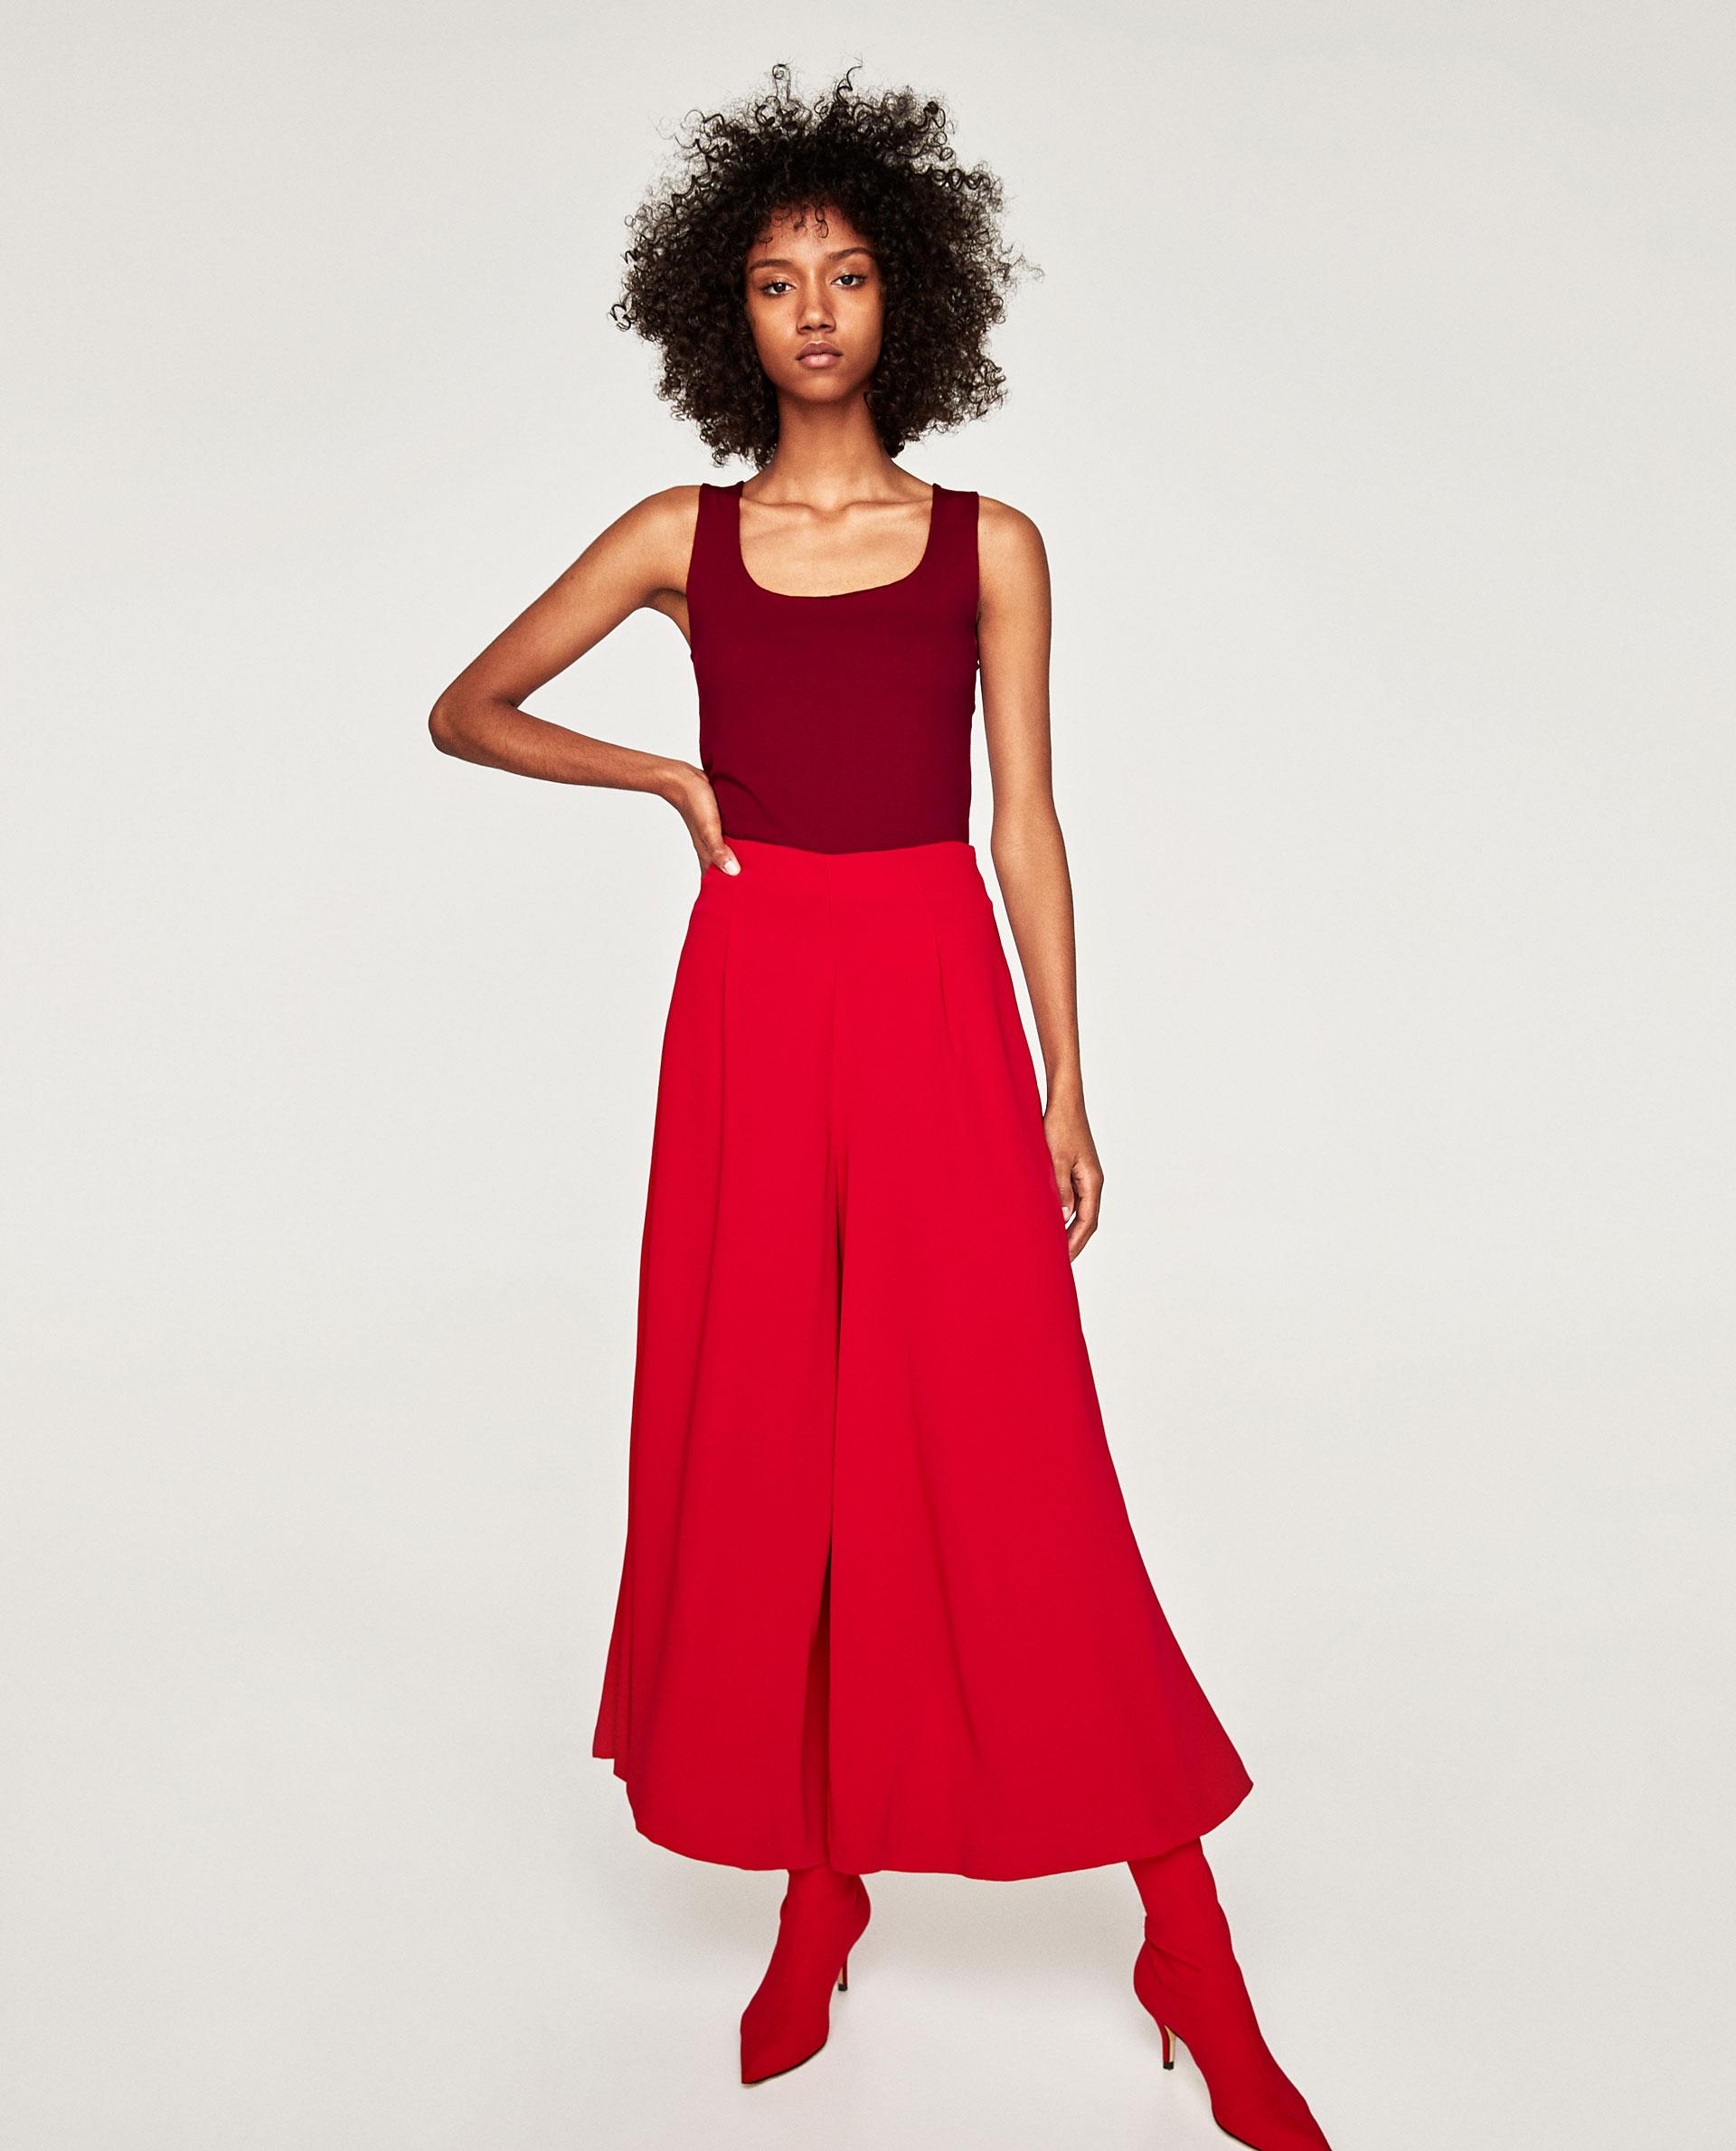 Top rosso senza maniche Zara collezione primavera estate 2018